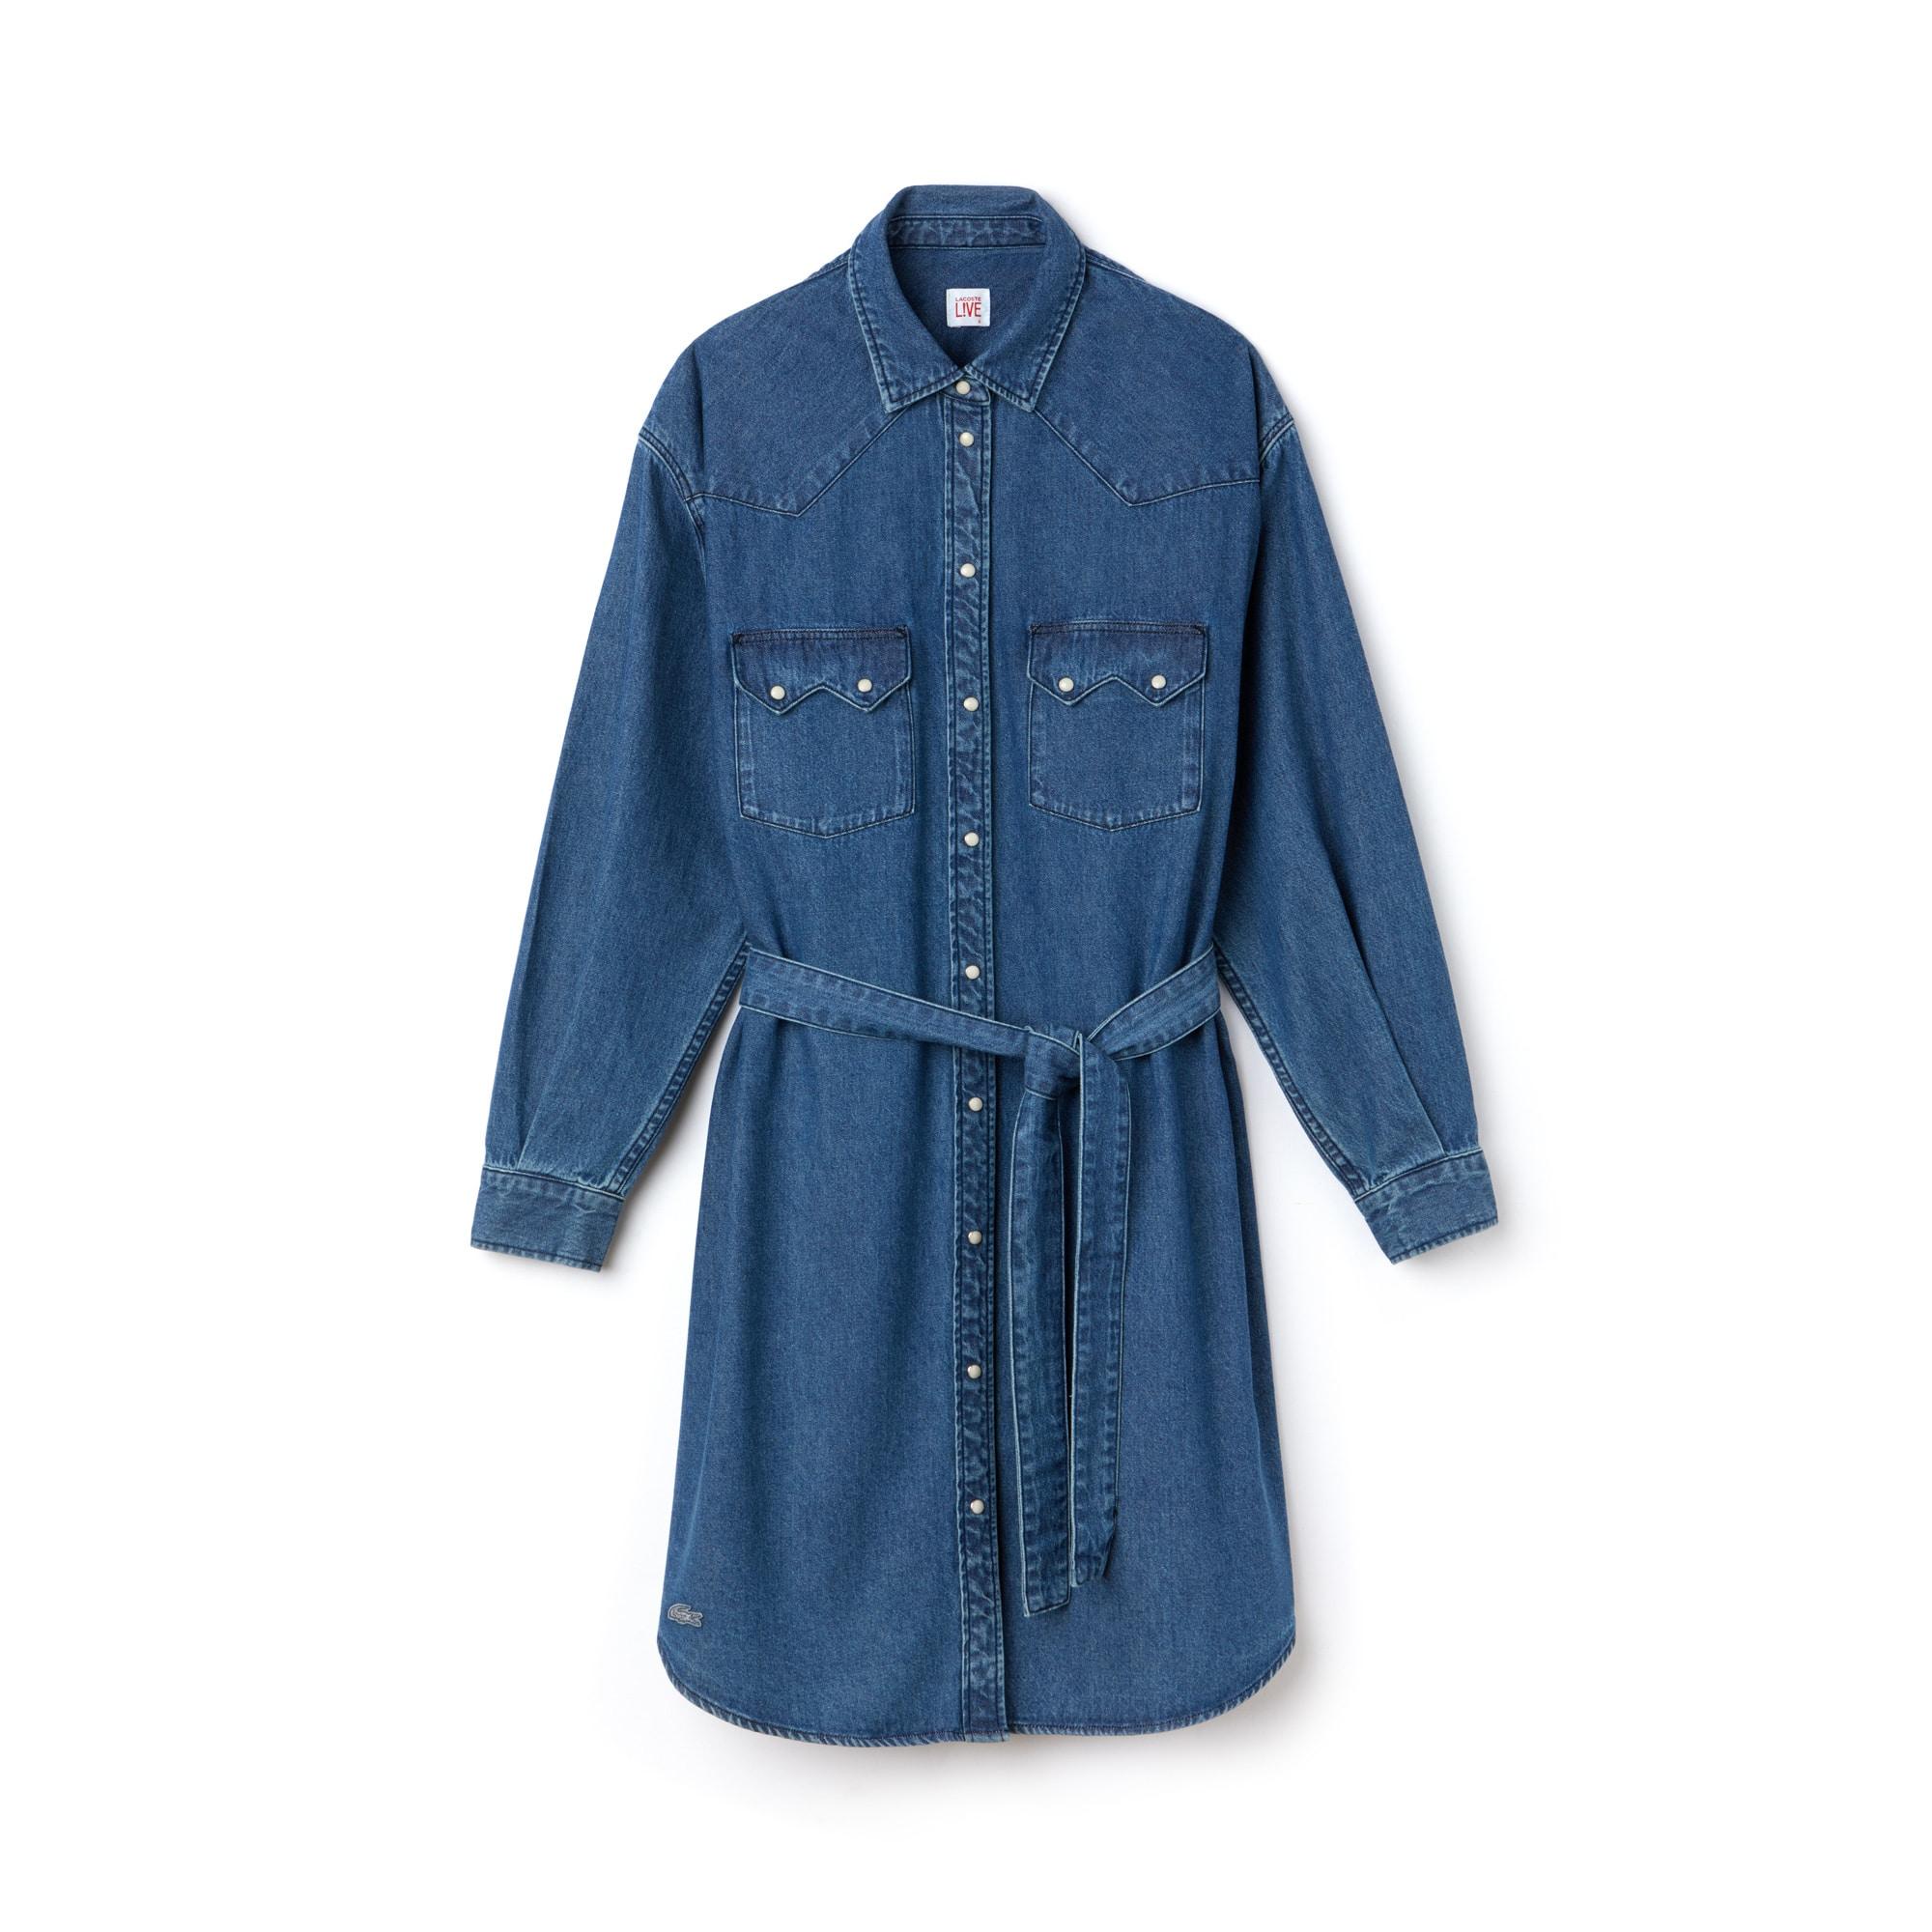 (여성) 라코스테 라이브 데님 셔츠 원피스